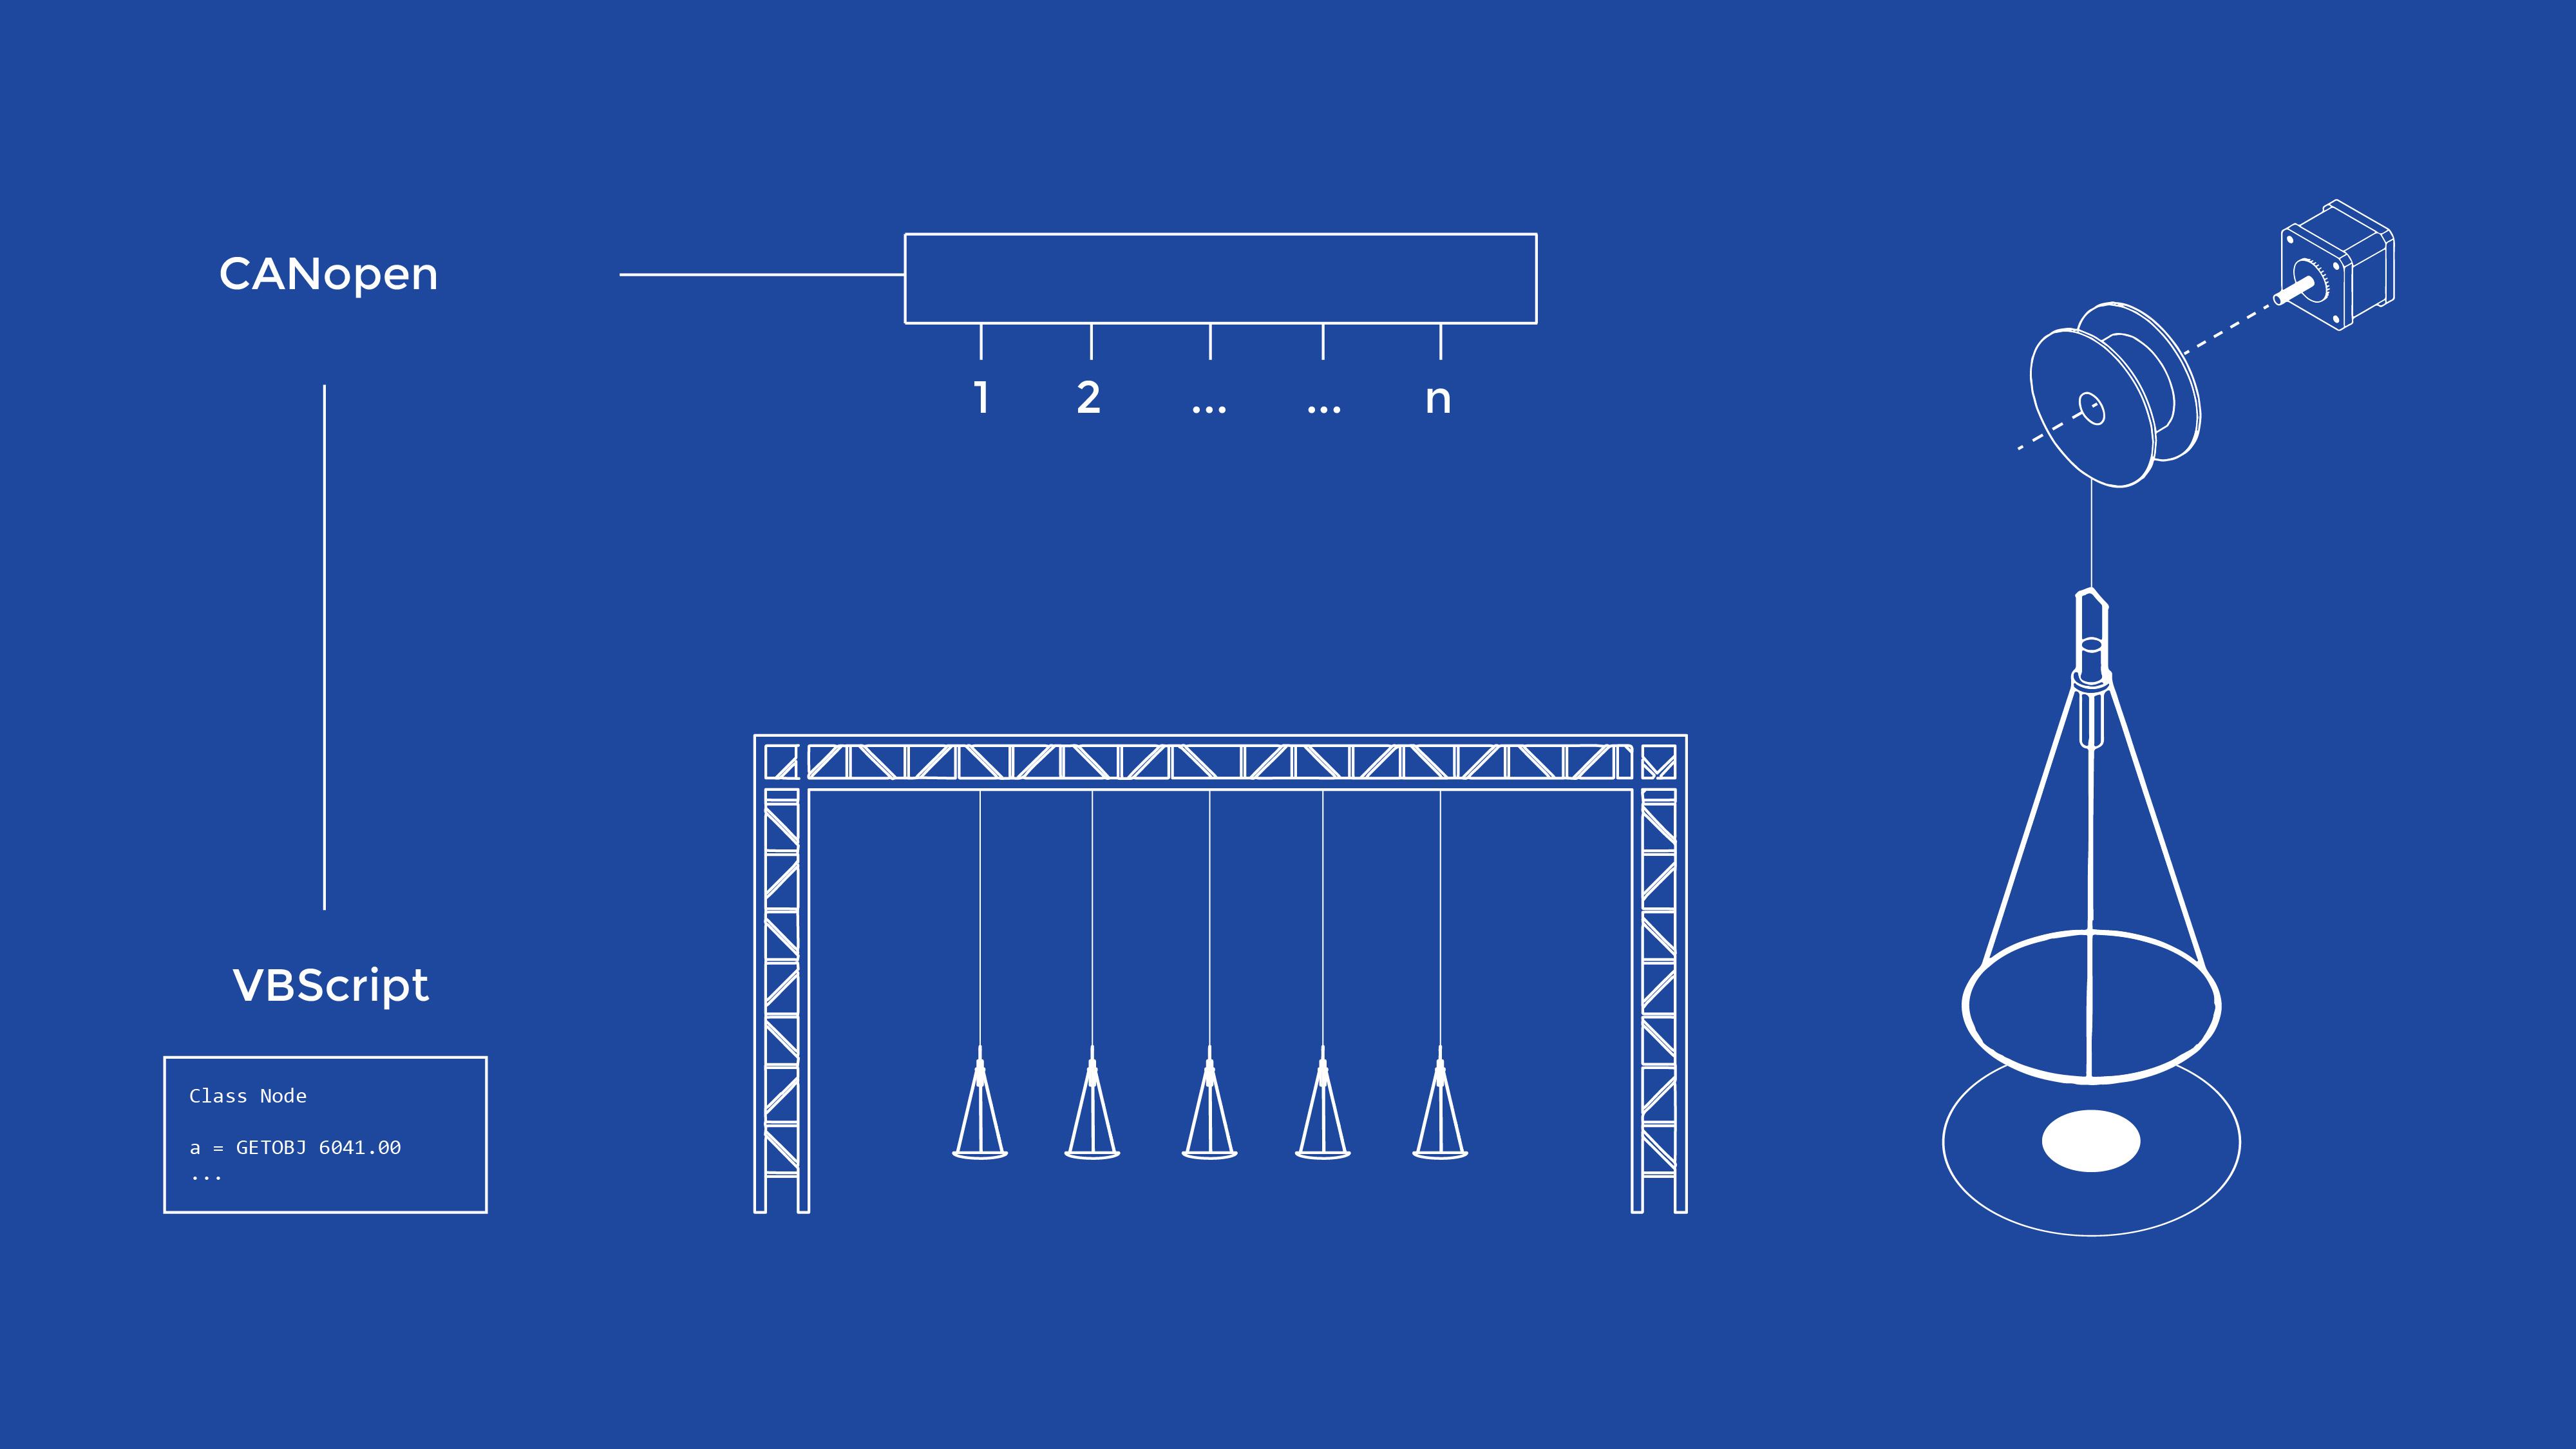 Fünf Module (bestehend aus einer Wasserschale und deren Beleuchtung) werden nebeneinander auf einer Länge von 5 Metern aufgehängt. Sie werden über eine Höhe von 3 Metern auf und ab bewegt. Die Motoren befinden sich in einem CANopen-Netzwerk, das von einem zentralen Skript gesteuert wird.